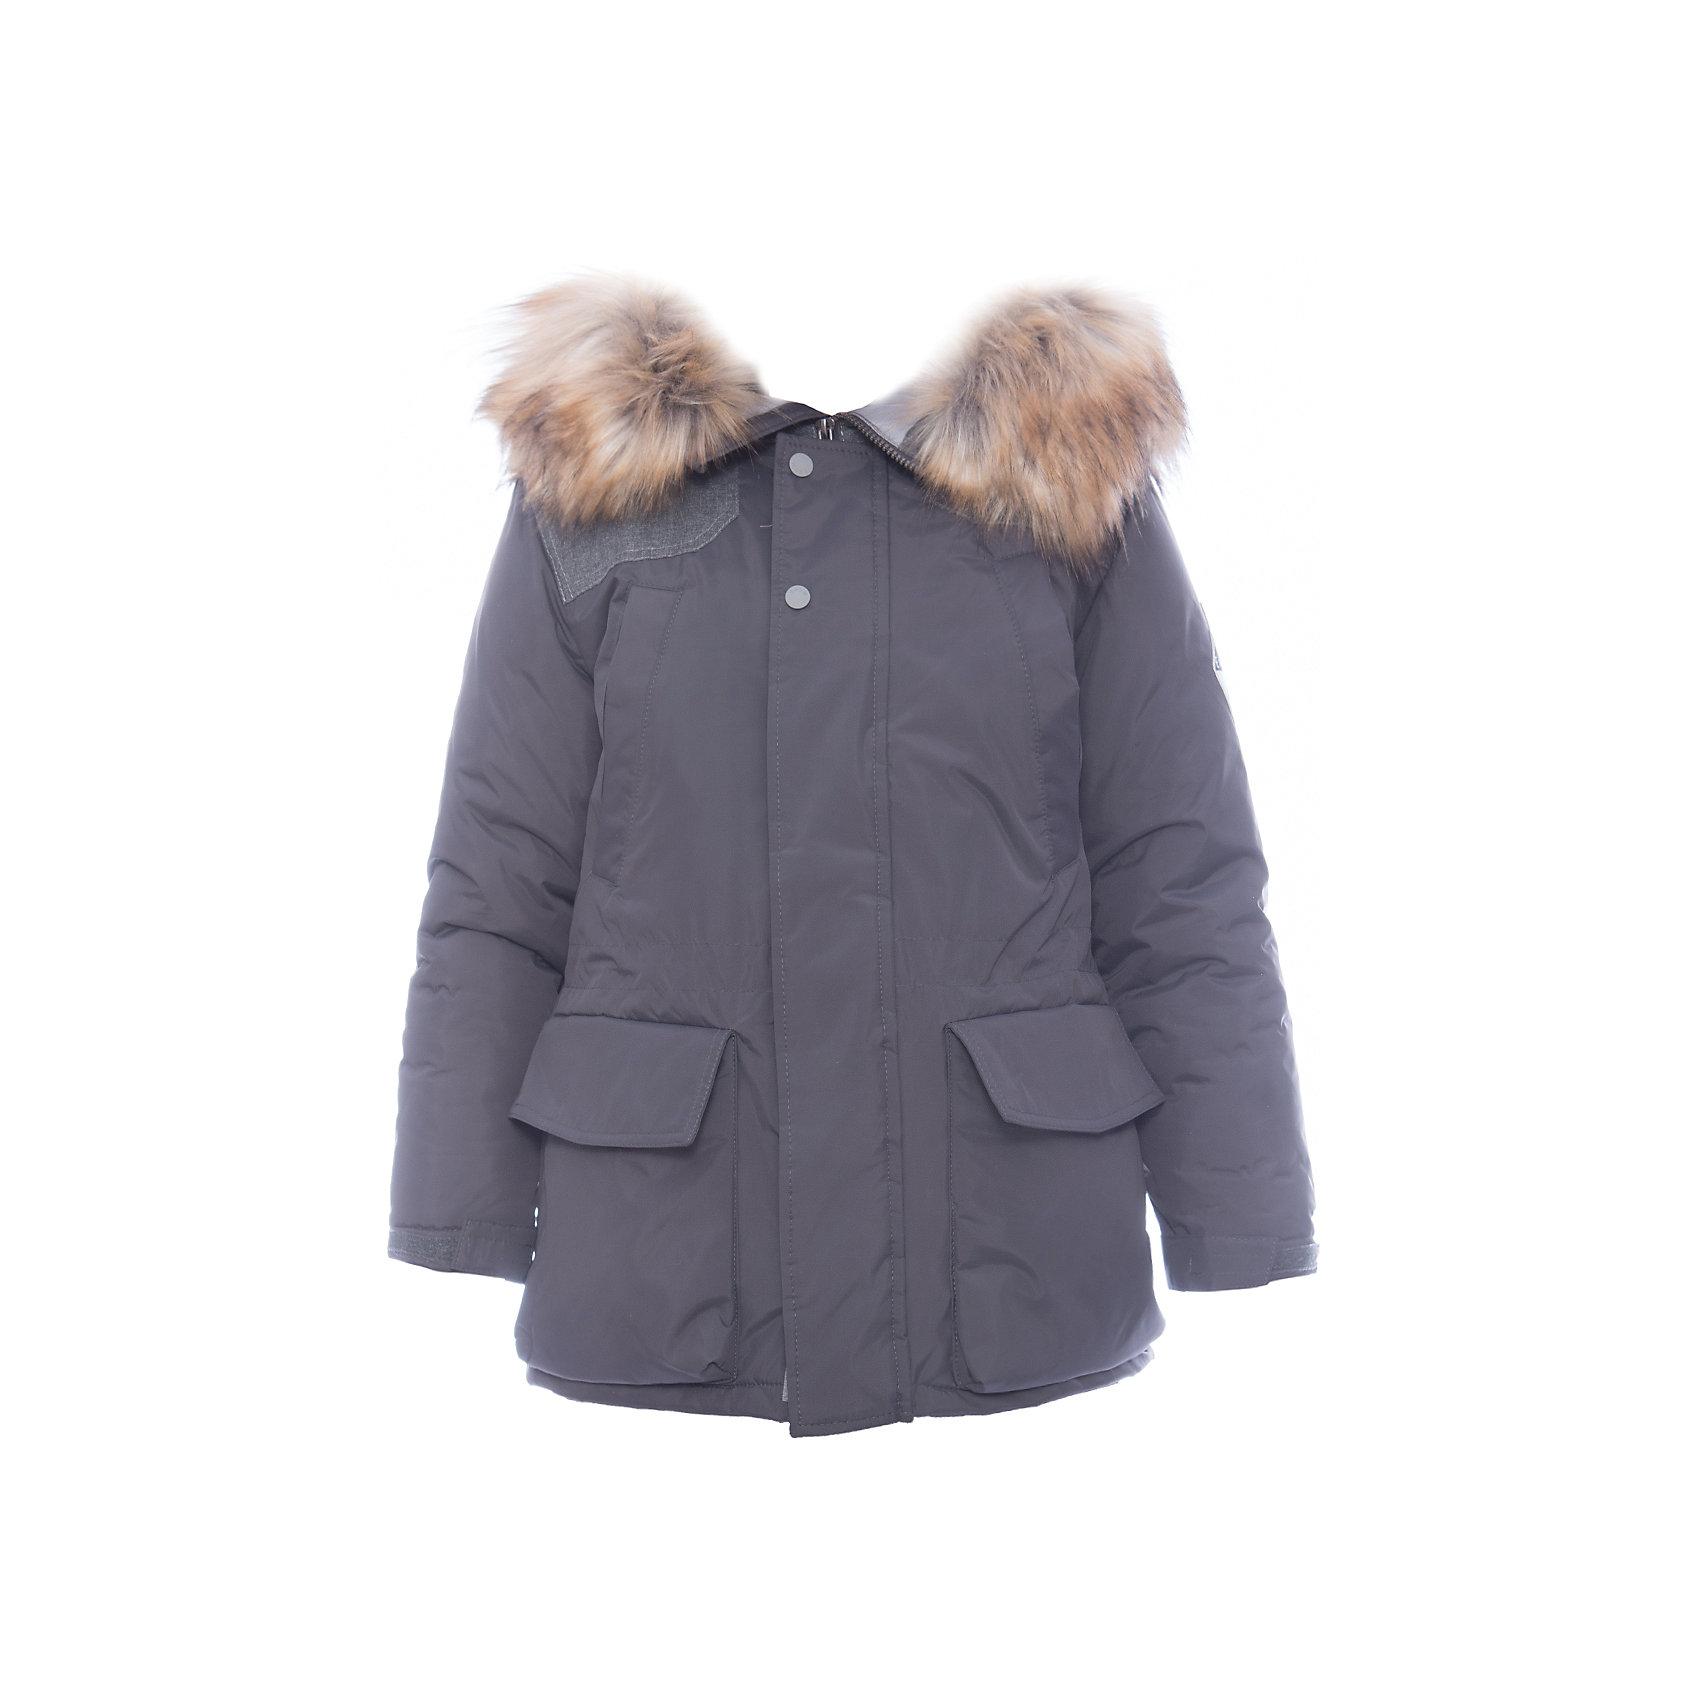 Куртка BOOM by Orby для мальчикаВерхняя одежда<br>Характеристики товара:<br><br>• цвет: серый<br>• состав ткани: таффета<br>• подкладка: полиэстер стеганый<br>• утеплитель: Flexy Fiber, эко-синтепон<br>• сезон: зима<br>• мембранное покрытие<br>• температурный режим: от 0 до -30С<br>• водонепроницаемость: 3000 мм <br>• паропроницаемость: 3000 г/м2<br>• плотность утеплителя: 200 г/м2<br>• капюшон: с мехом<br>• застежка: молния<br>• куртка-пристежка в комплекте<br>• страна бренда: Россия<br>• страна изготовитель: Россия<br><br>Эта детская куртка отлично подойдет для зимних холодов и для оттепели - специальная подстежка для этой зимней куртки снимается в более теплую погоду. Зимняя куртка для ребенка поможет обеспечить необходимый уровень утепления. Детская теплая куртка дополнена удобным капюшоном, планкой от ветра и карманами. <br><br>Куртку для мальчика BOOM by Orby (Бум бай Орби) можно купить в нашем интернет-магазине.<br><br>Ширина мм: 356<br>Глубина мм: 10<br>Высота мм: 245<br>Вес г: 519<br>Цвет: серый<br>Возраст от месяцев: 168<br>Возраст до месяцев: 180<br>Пол: Мужской<br>Возраст: Детский<br>Размер: 170,98,164,158,152,146,140,134,128,122,116,110,104<br>SKU: 7090827